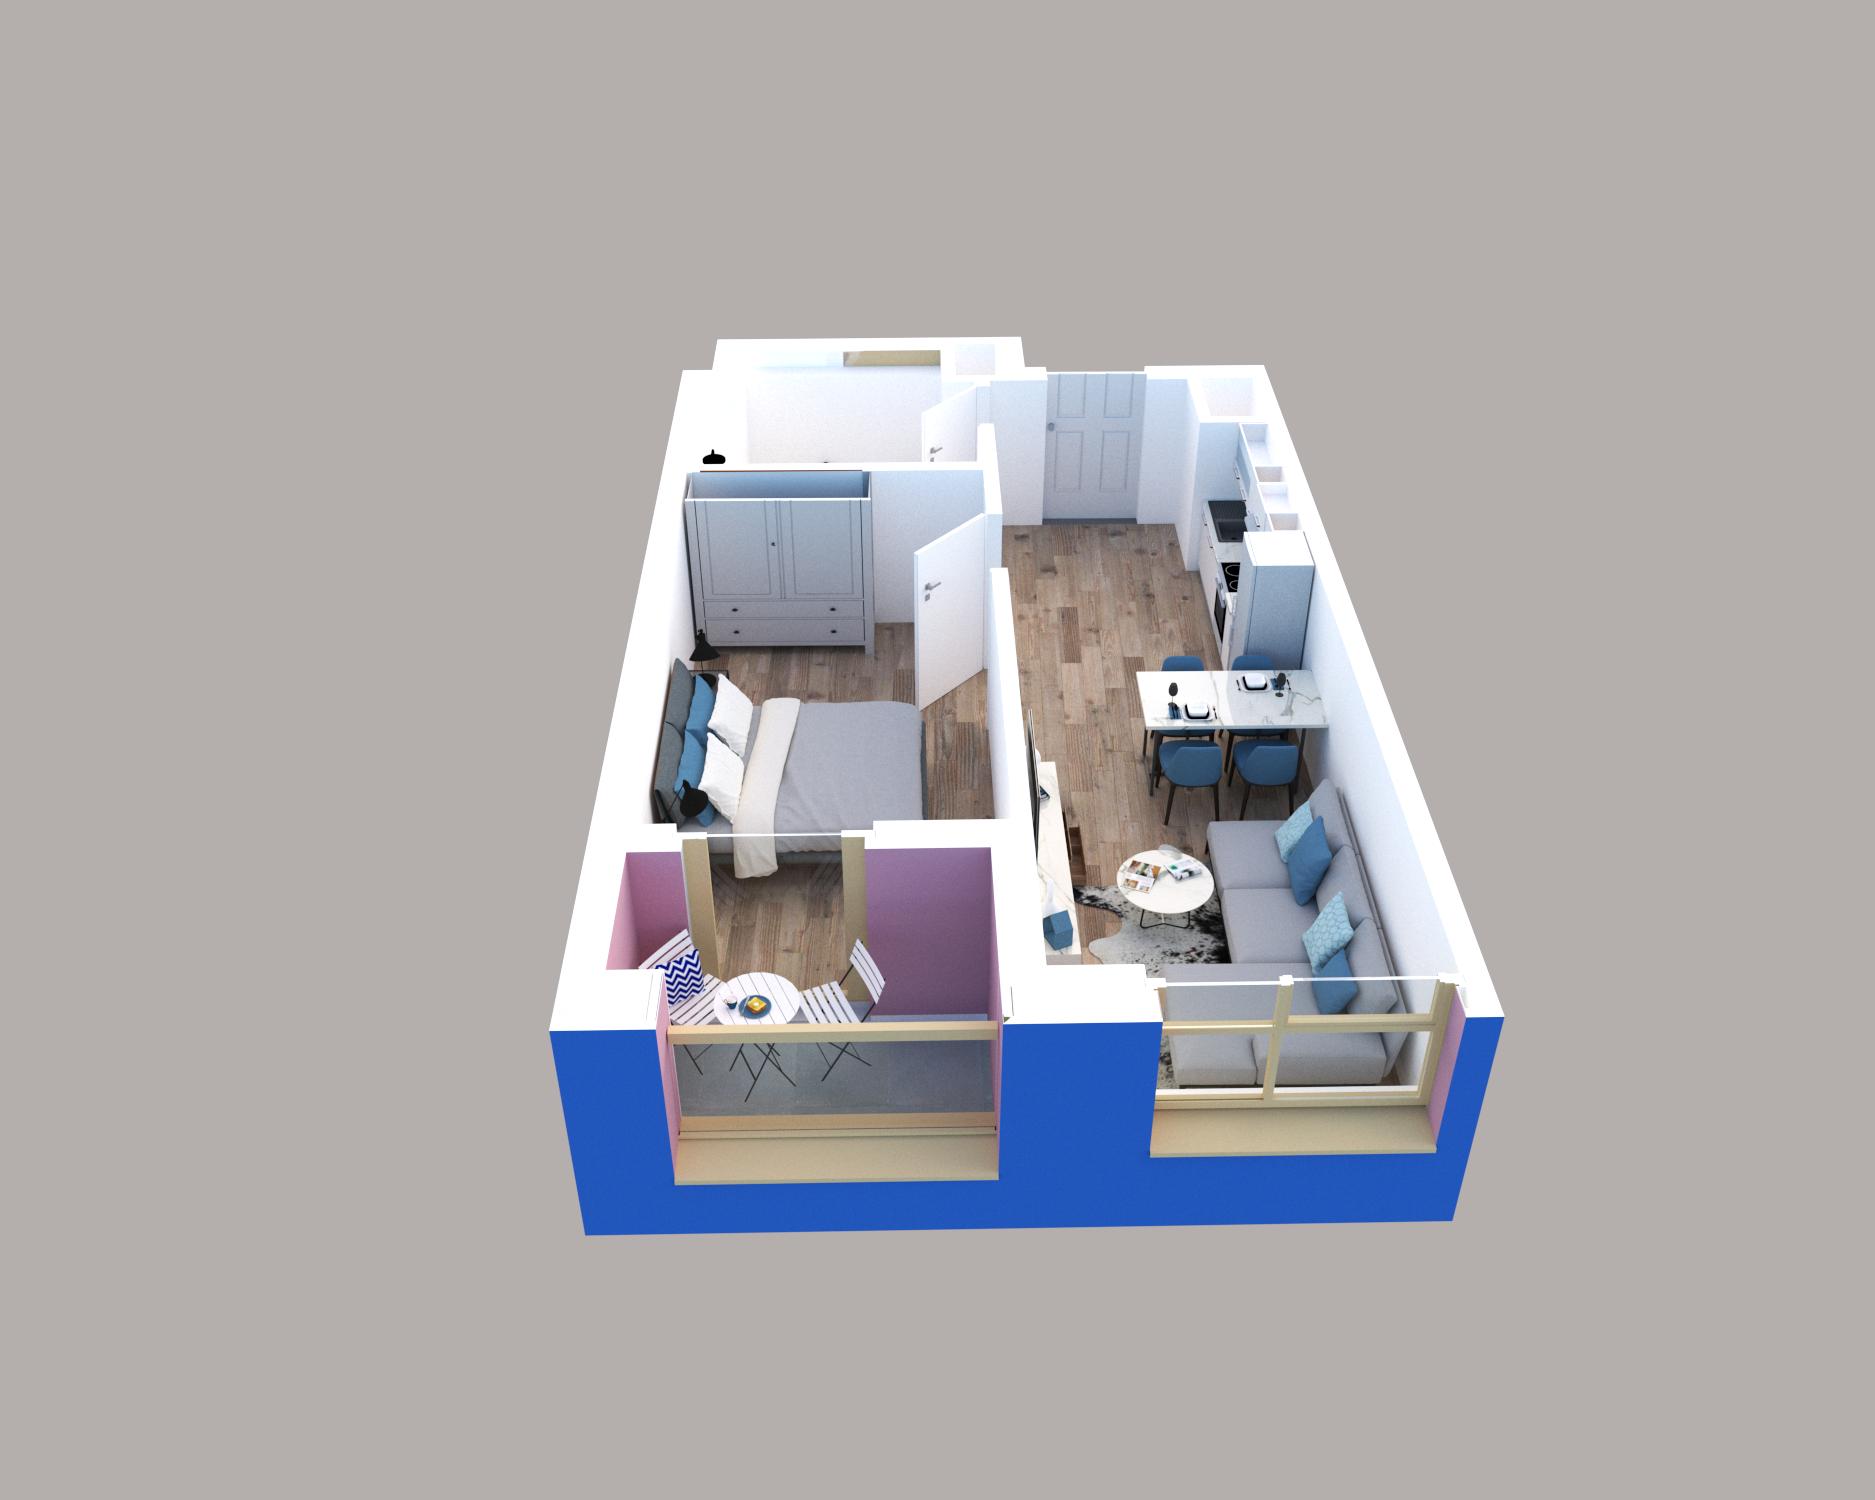 Apartament 1+1 në shitje në Tiranë - Mangalem 21 Shkalla 28 Kati 2